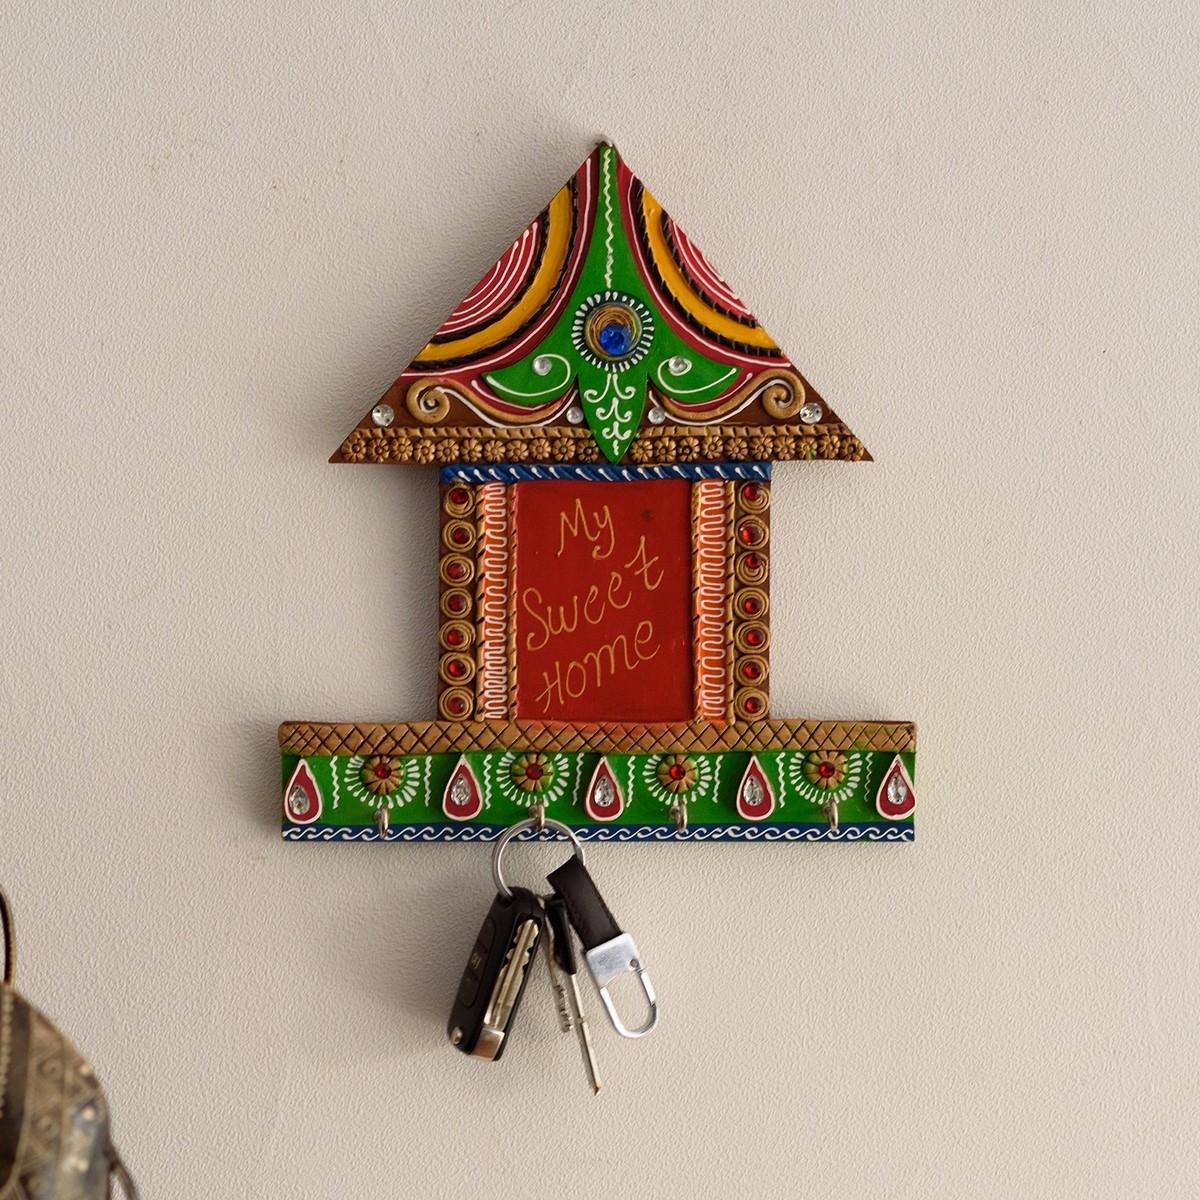 My Sweet home Hut Shape Papier-Mache Wooden Keyholder Indian Home Decor